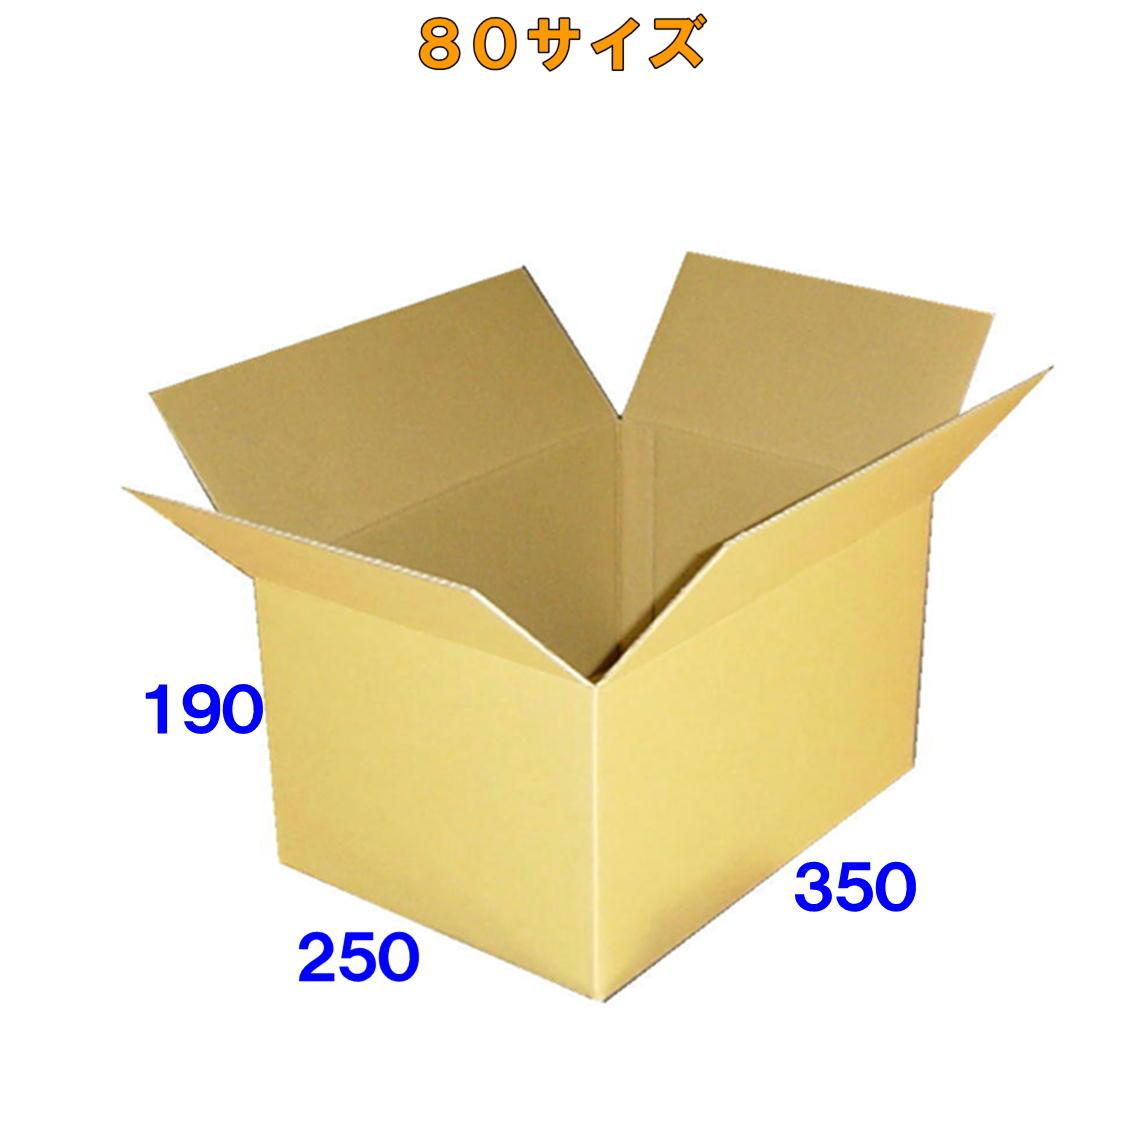 宅急便 宅配便 ゆうパック80サイズ対応段ボール箱10枚 A式 みかん箱 内祝い 10枚※西濃運輸での配送となります※※沖縄と離島は対象外となります※ 80サイズ ダンボール 箱 迅速な対応で商品をお届け致します タイプならではのコストパフォーマンスを発揮